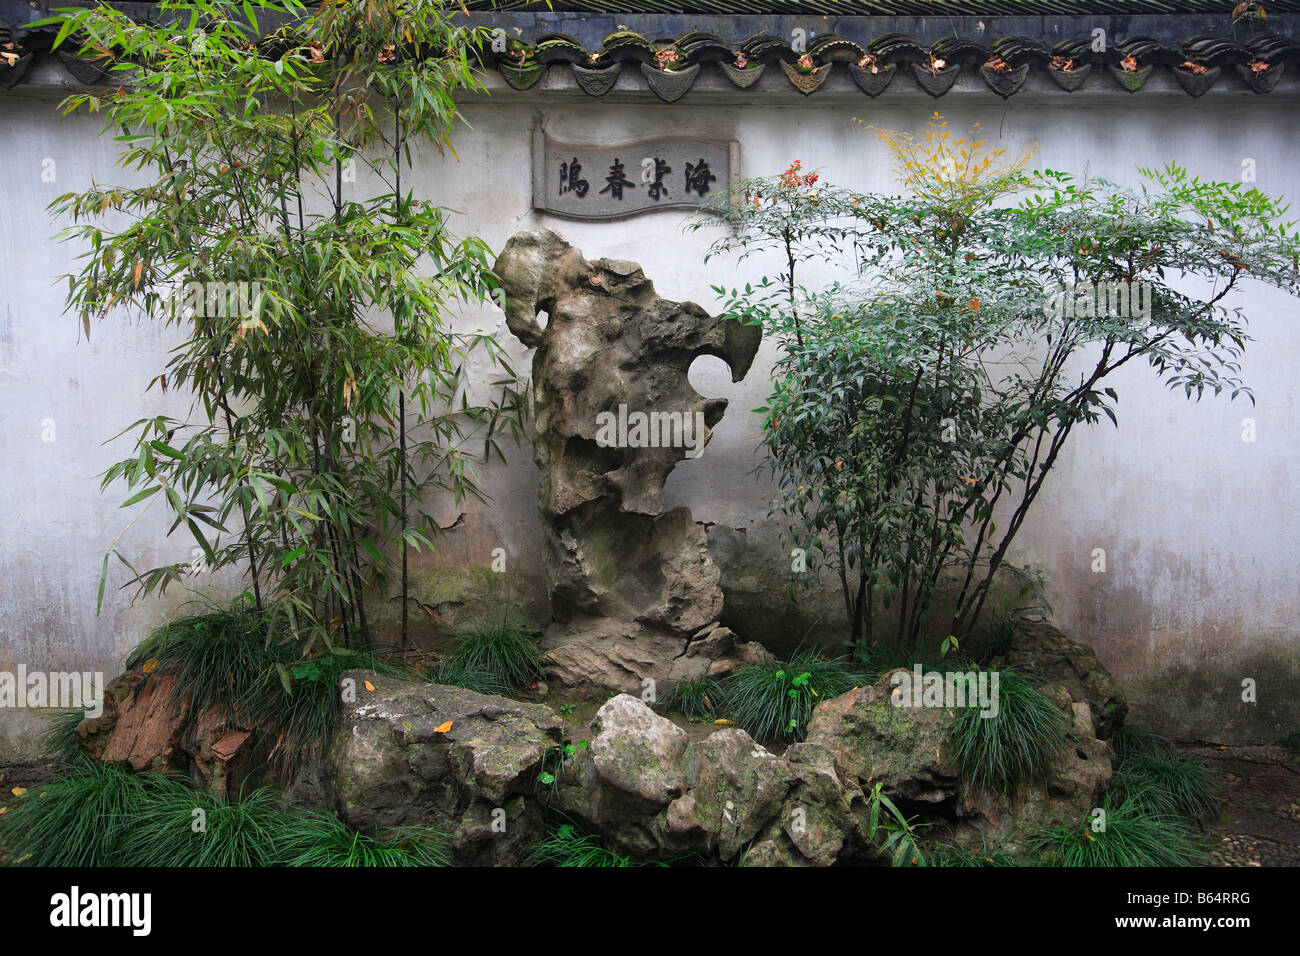 China Jiangsu Province Suzhou Humble Administrator s Garden - Stock Image